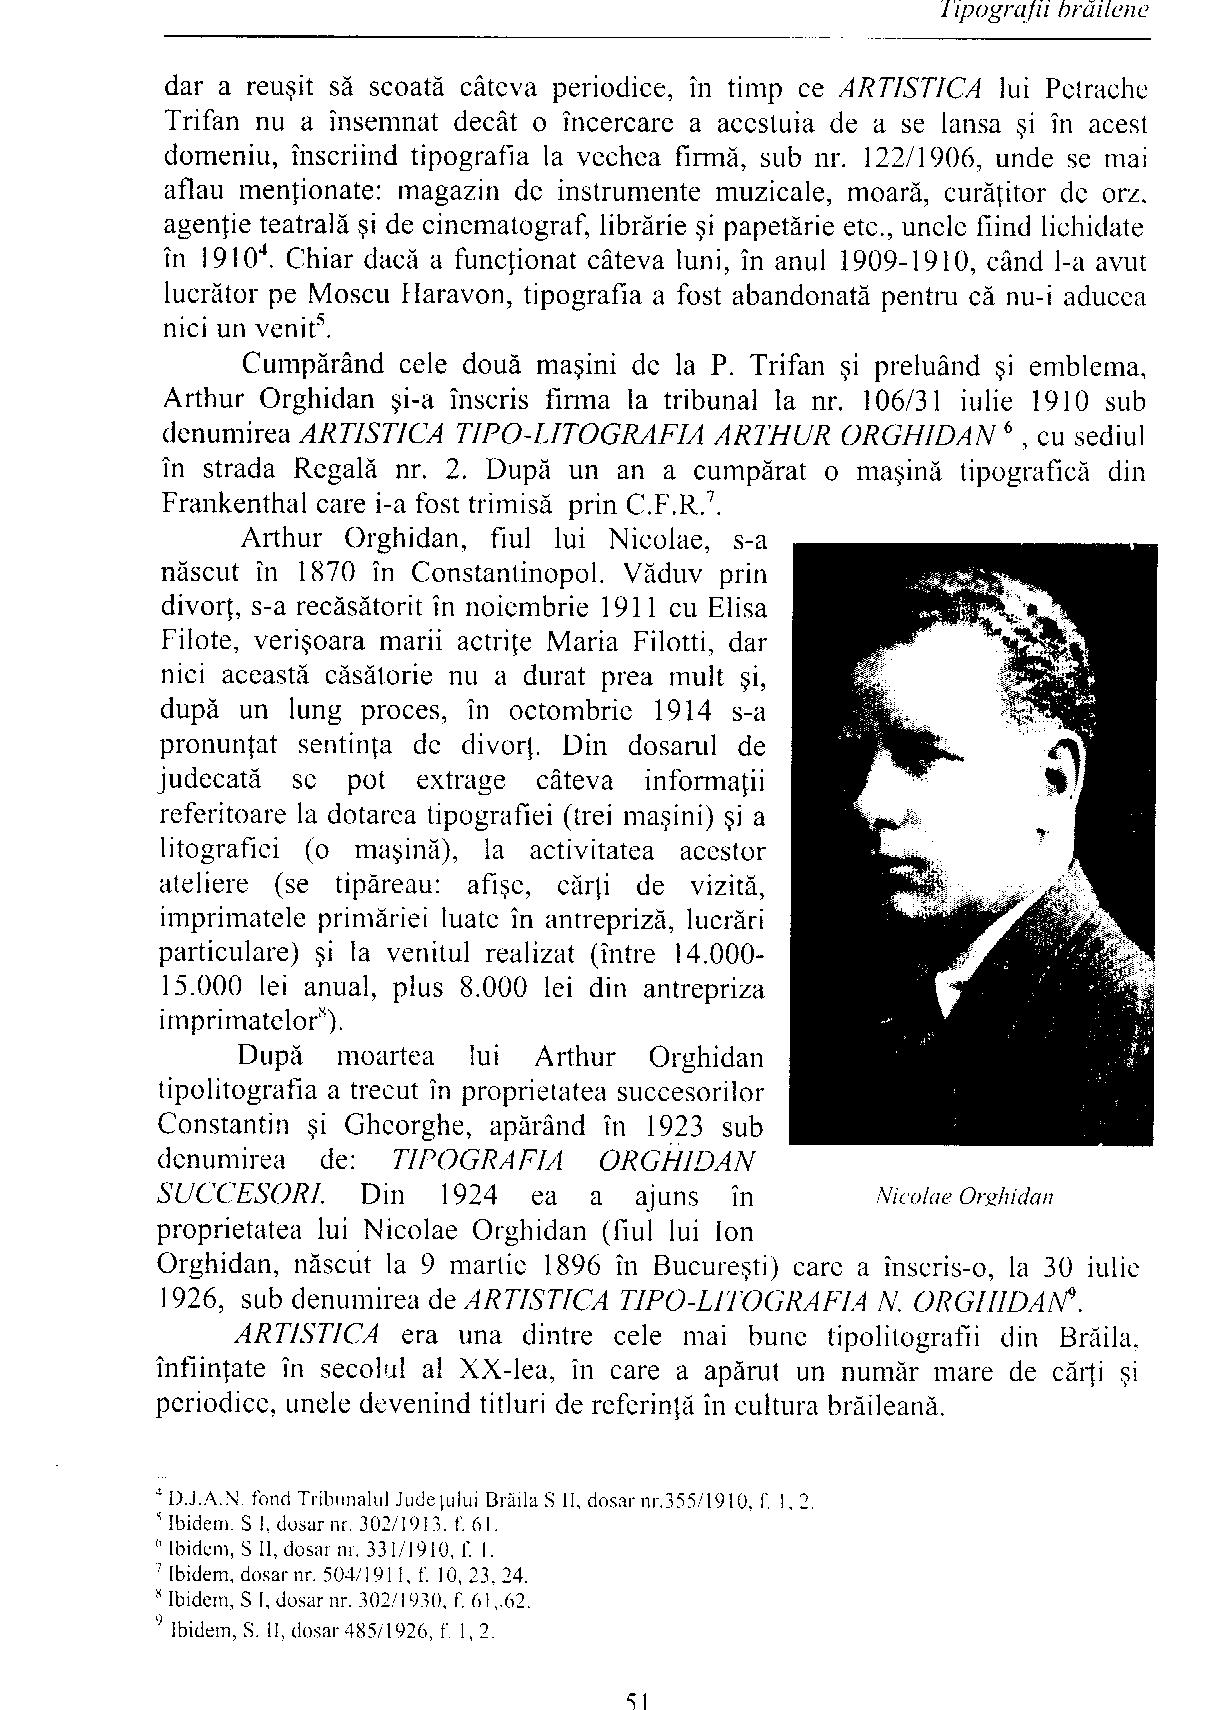 istoricul-brailei